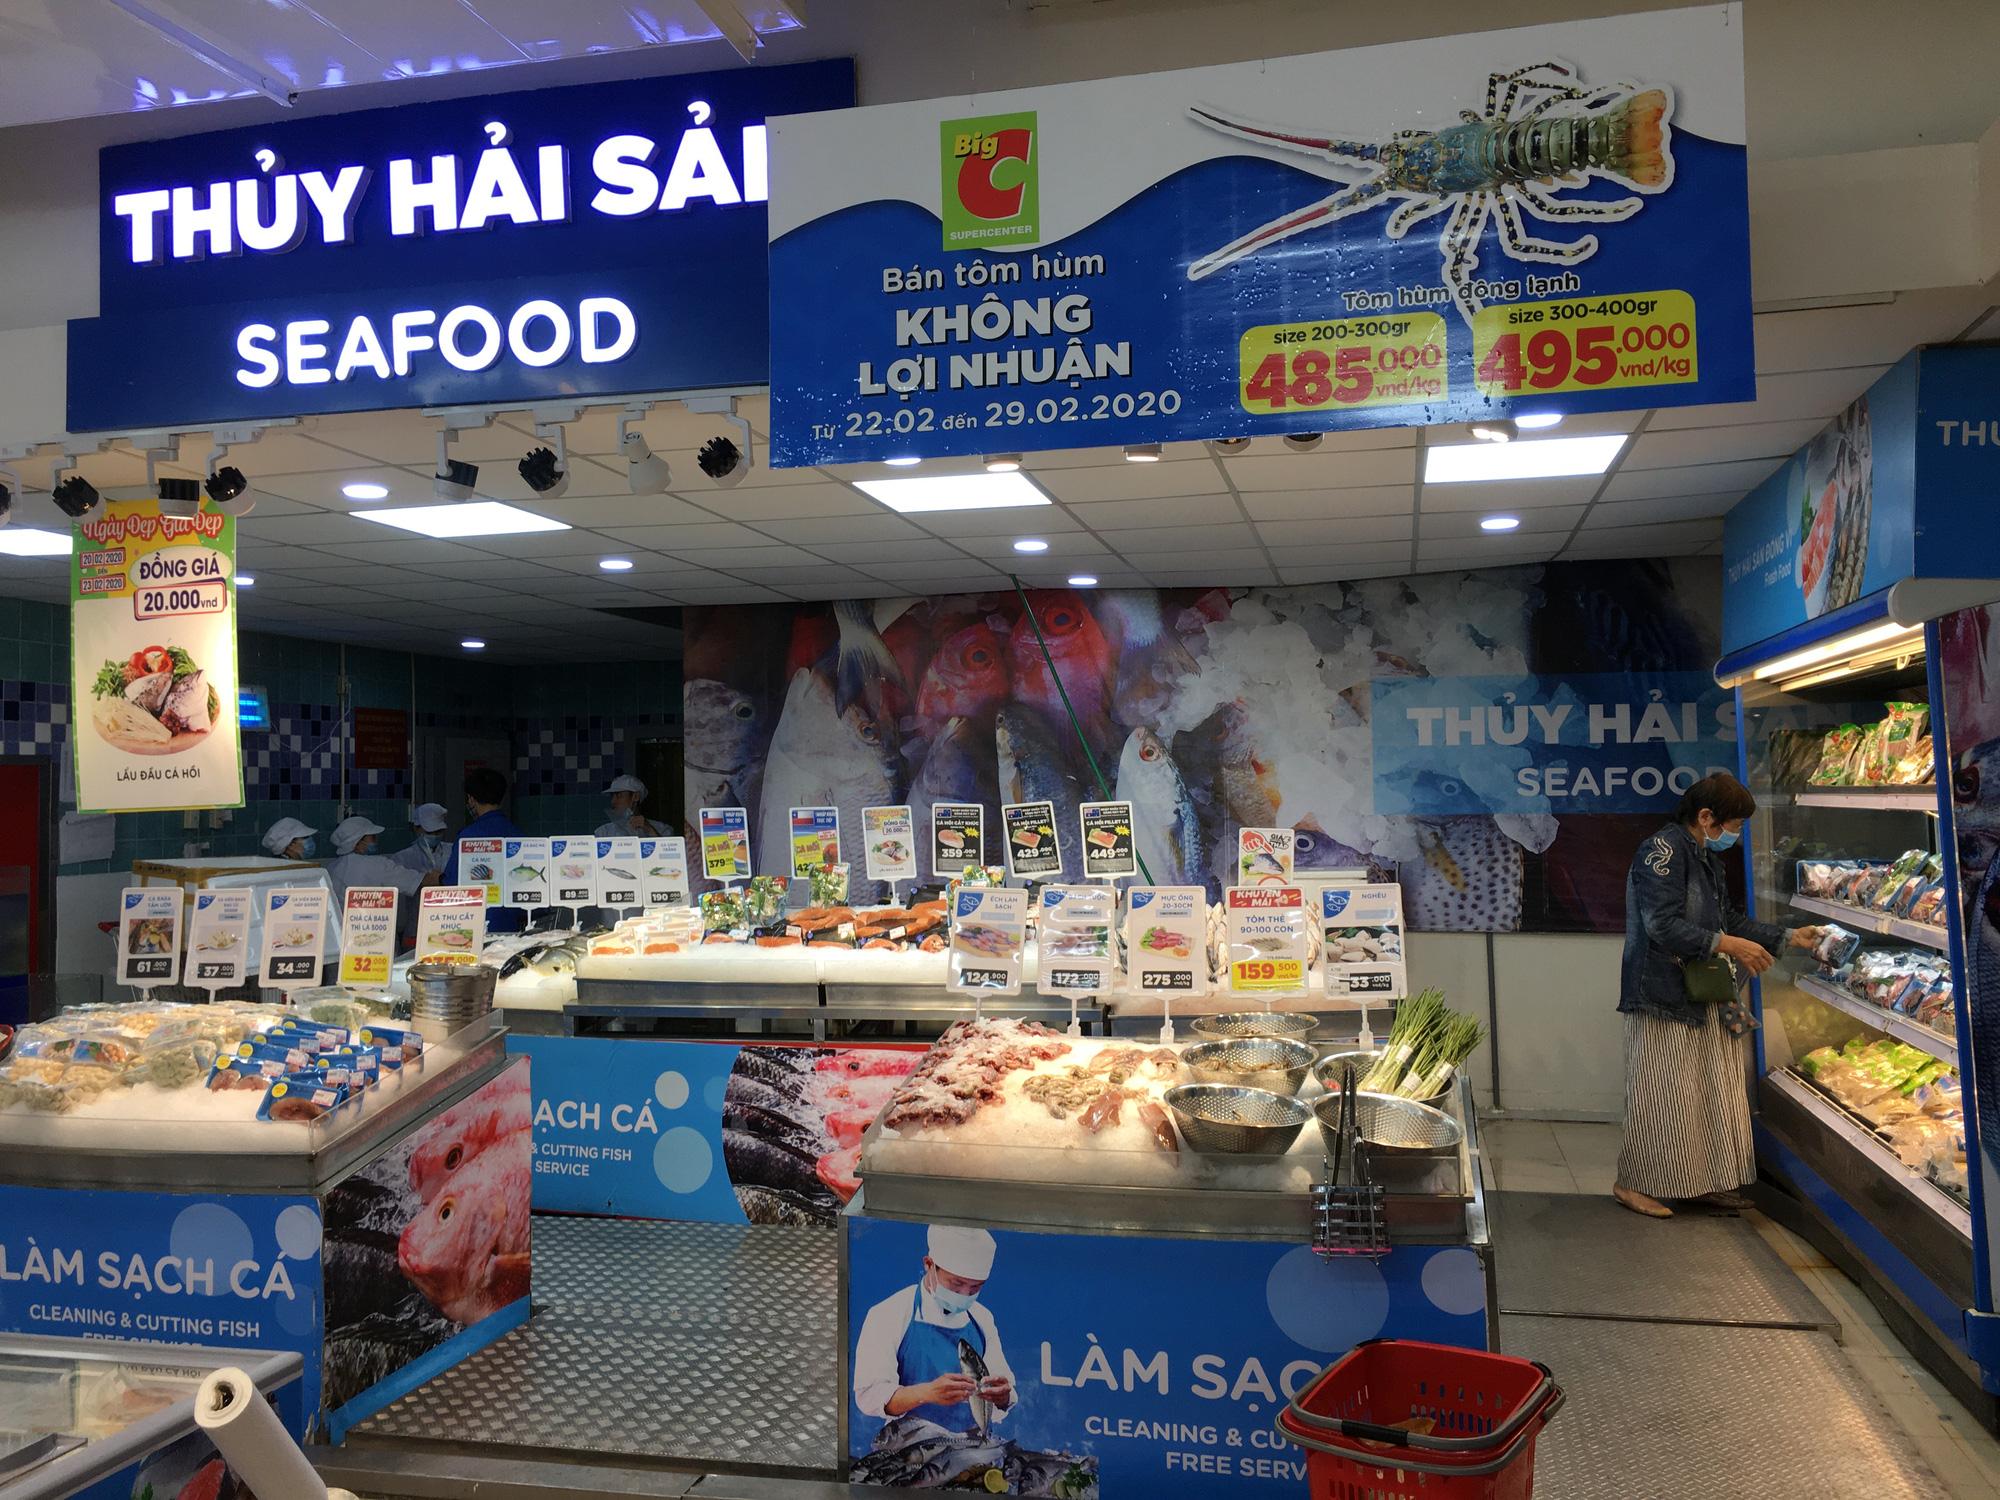 Tại TP Đà Nẵng, siêu thị Big C (quận Thanh Khê) bán tôm hùm đông lạnh không lợi nhuận giúp giải cứu hỗ trợ cho người dân các tỉnh Khánh Hòa, Phú Yên bị ảnh hưởng bỏi dịch Covid-19.